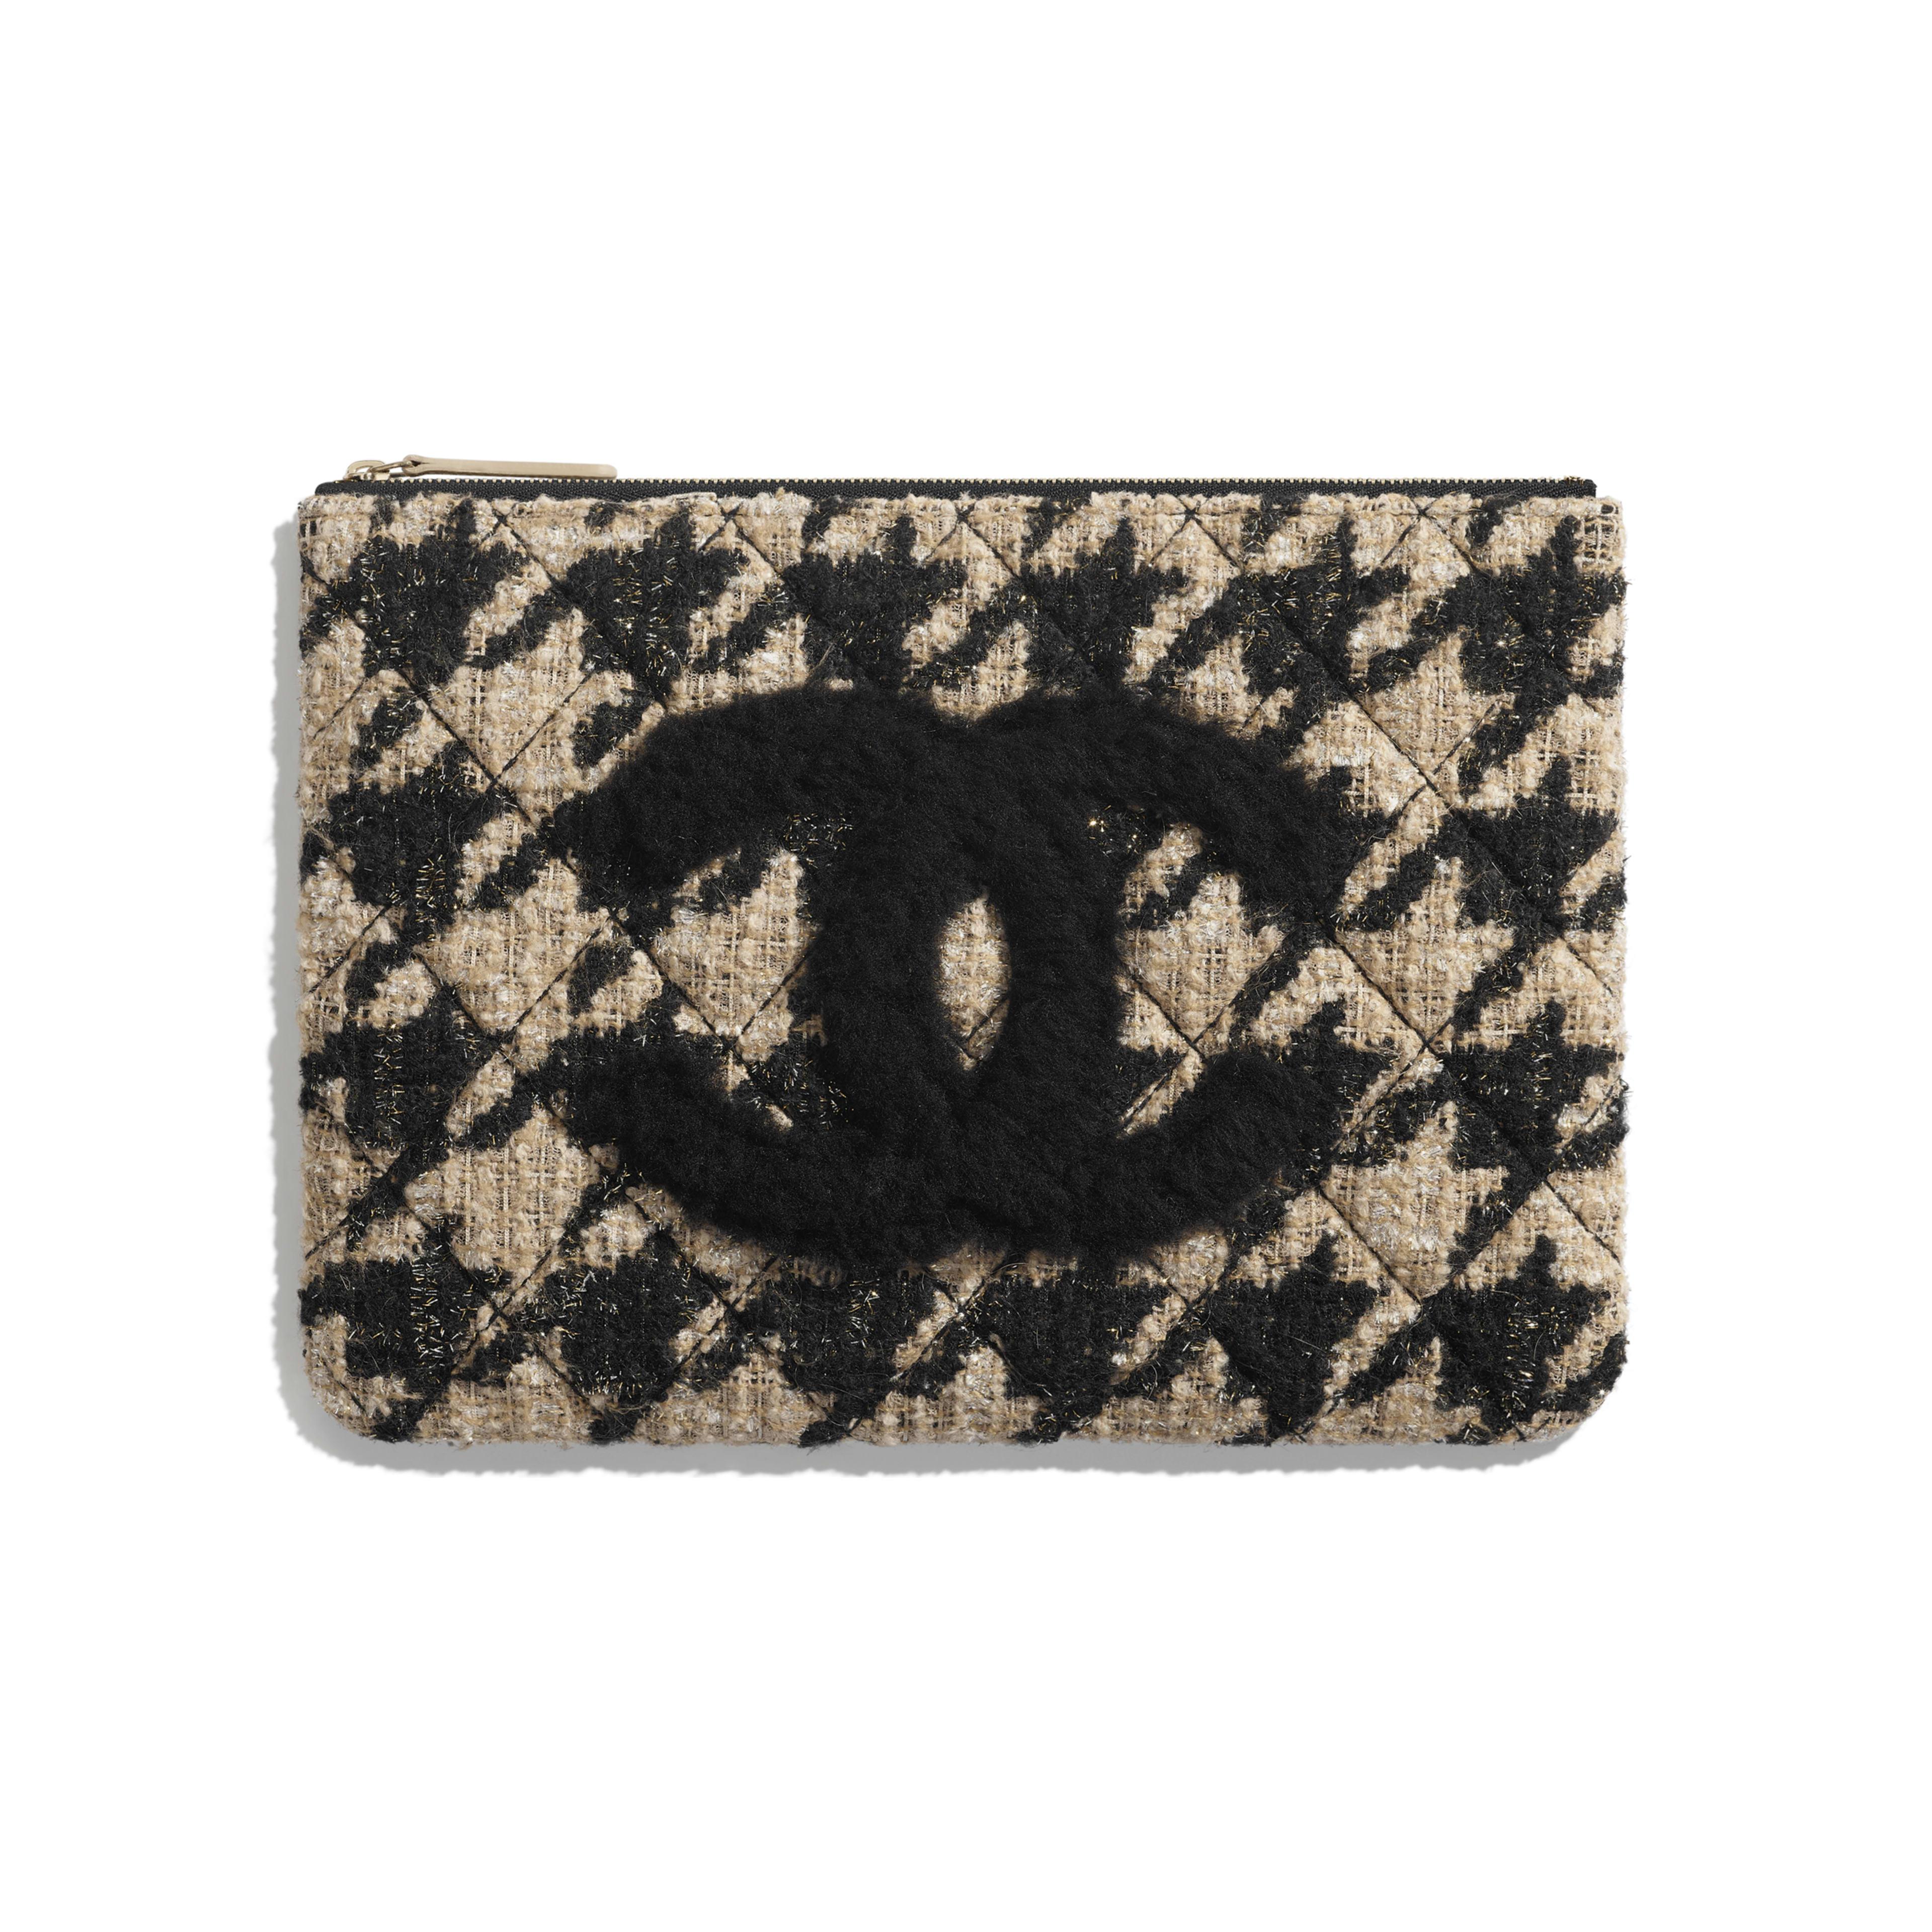 กระเป๋าเพาช์ - สีดำและสีเบจ - ผ้าทวีต หนังแกะเชียร์ลิ่ง และโลหะสีทอง - มุมมองปัจจุบัน - ดูเวอร์ชันขนาดเต็ม